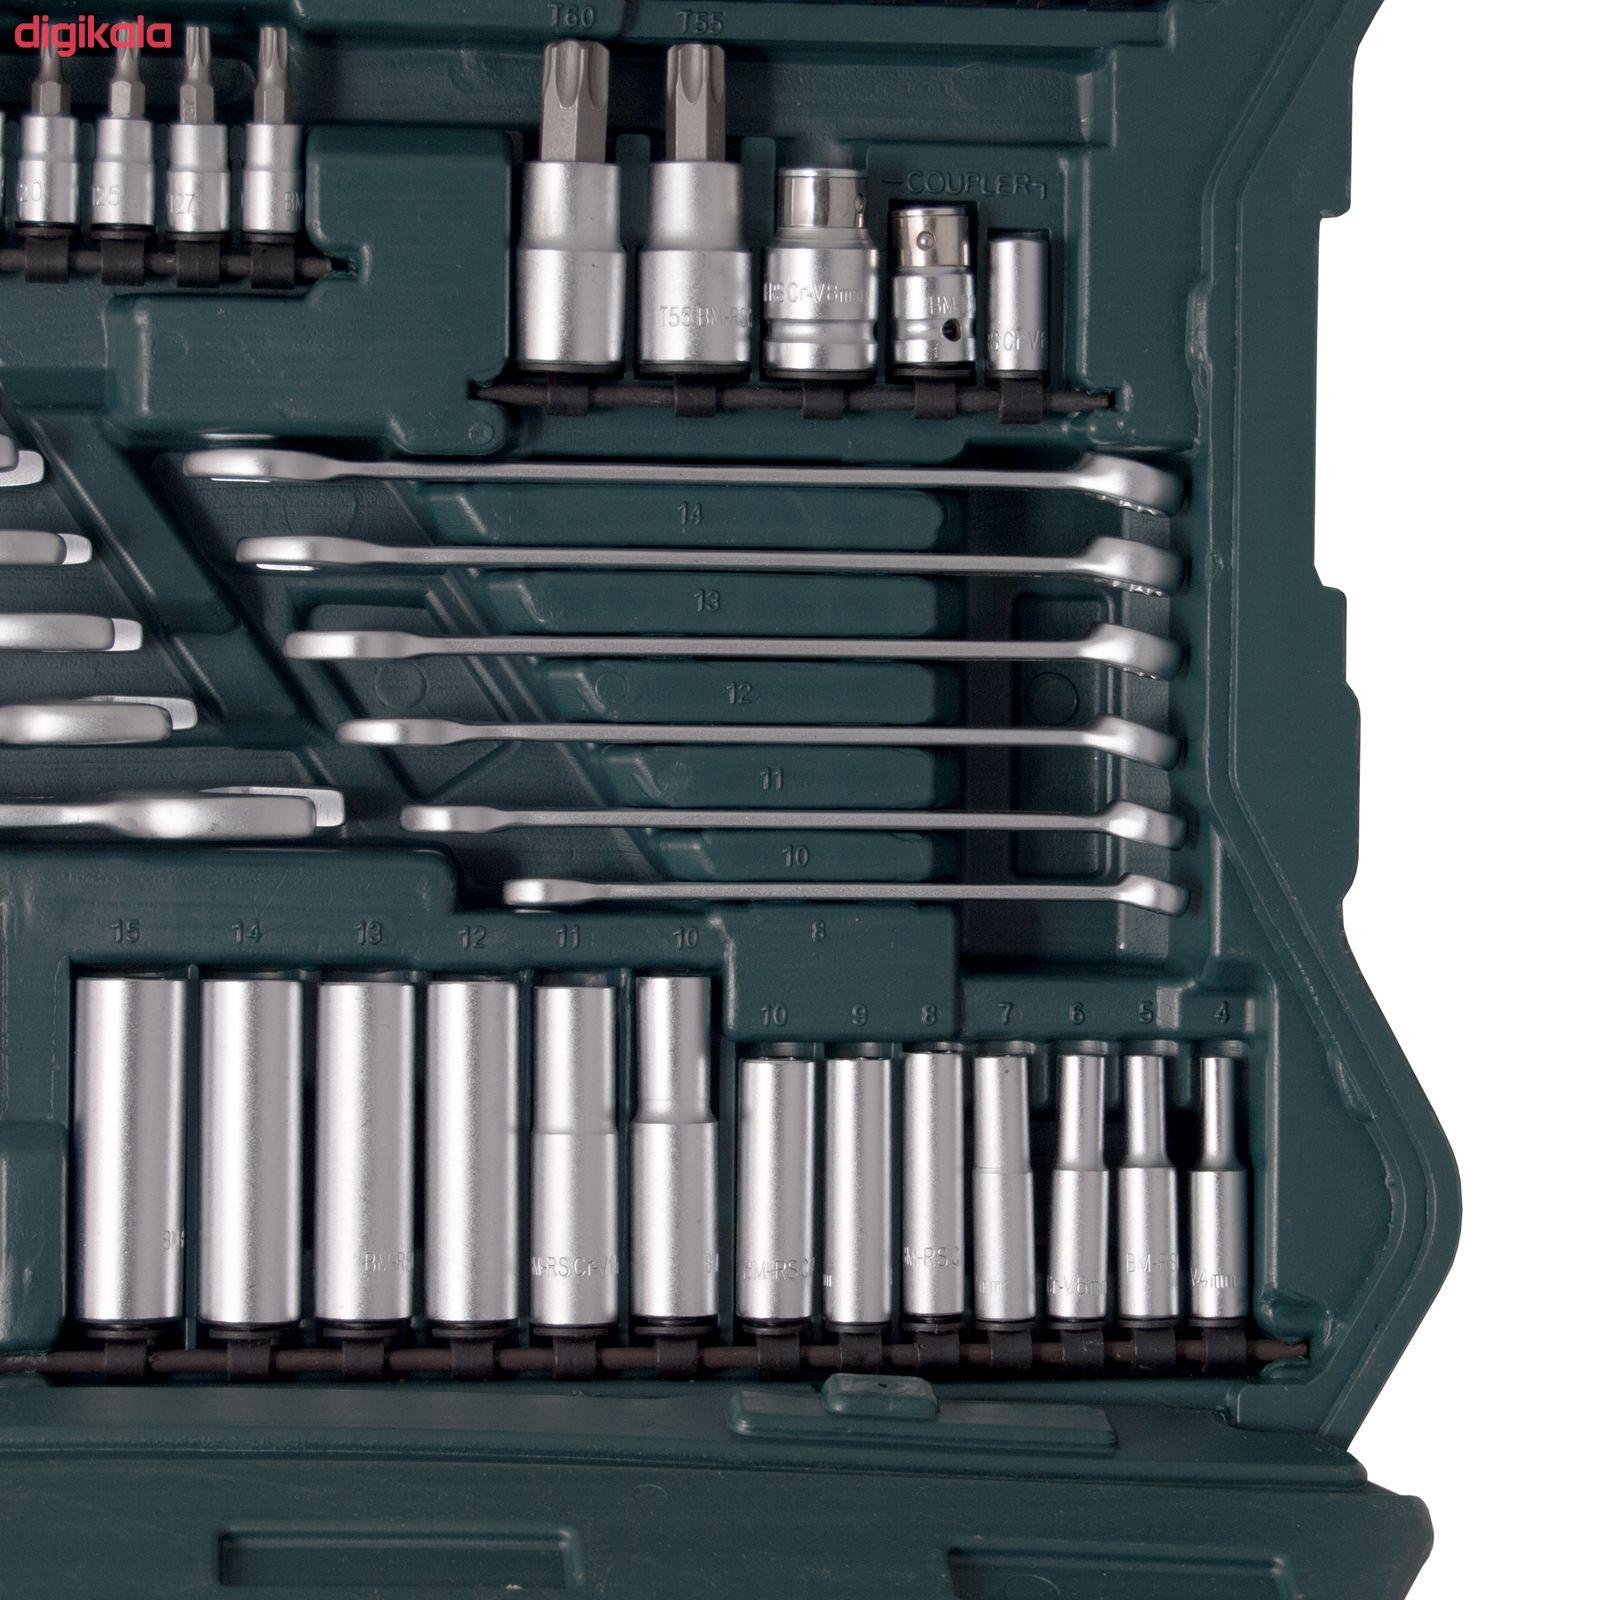 مجموعه 215 عددی آچار بکس و سری پیچ گوشتی ماموت مدل 90900035 main 1 5